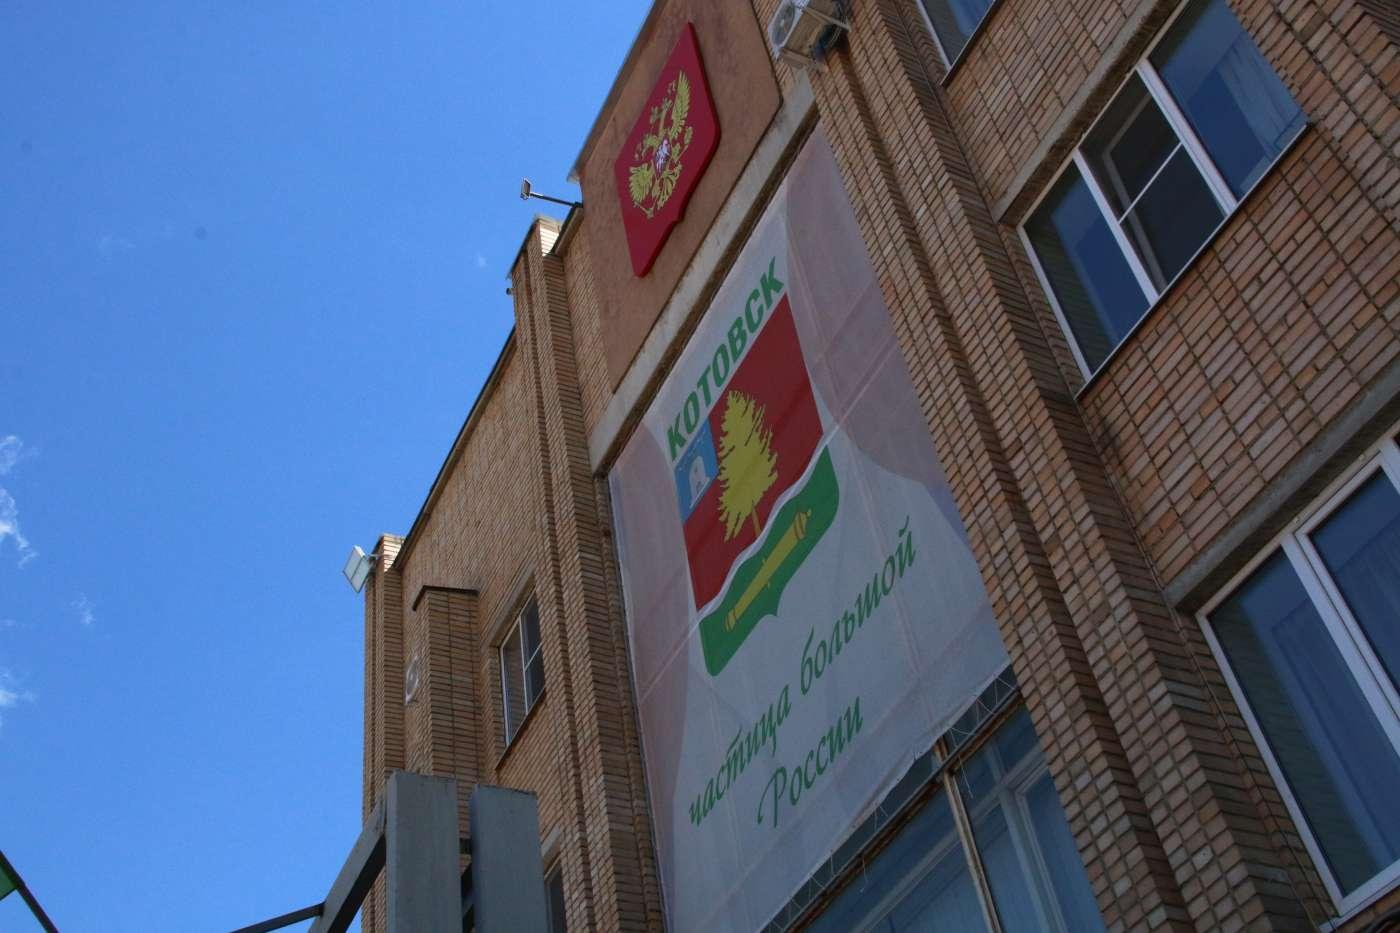 В администрации города Котовска прошла выемка документов по делу о хищении 200 млн рублей